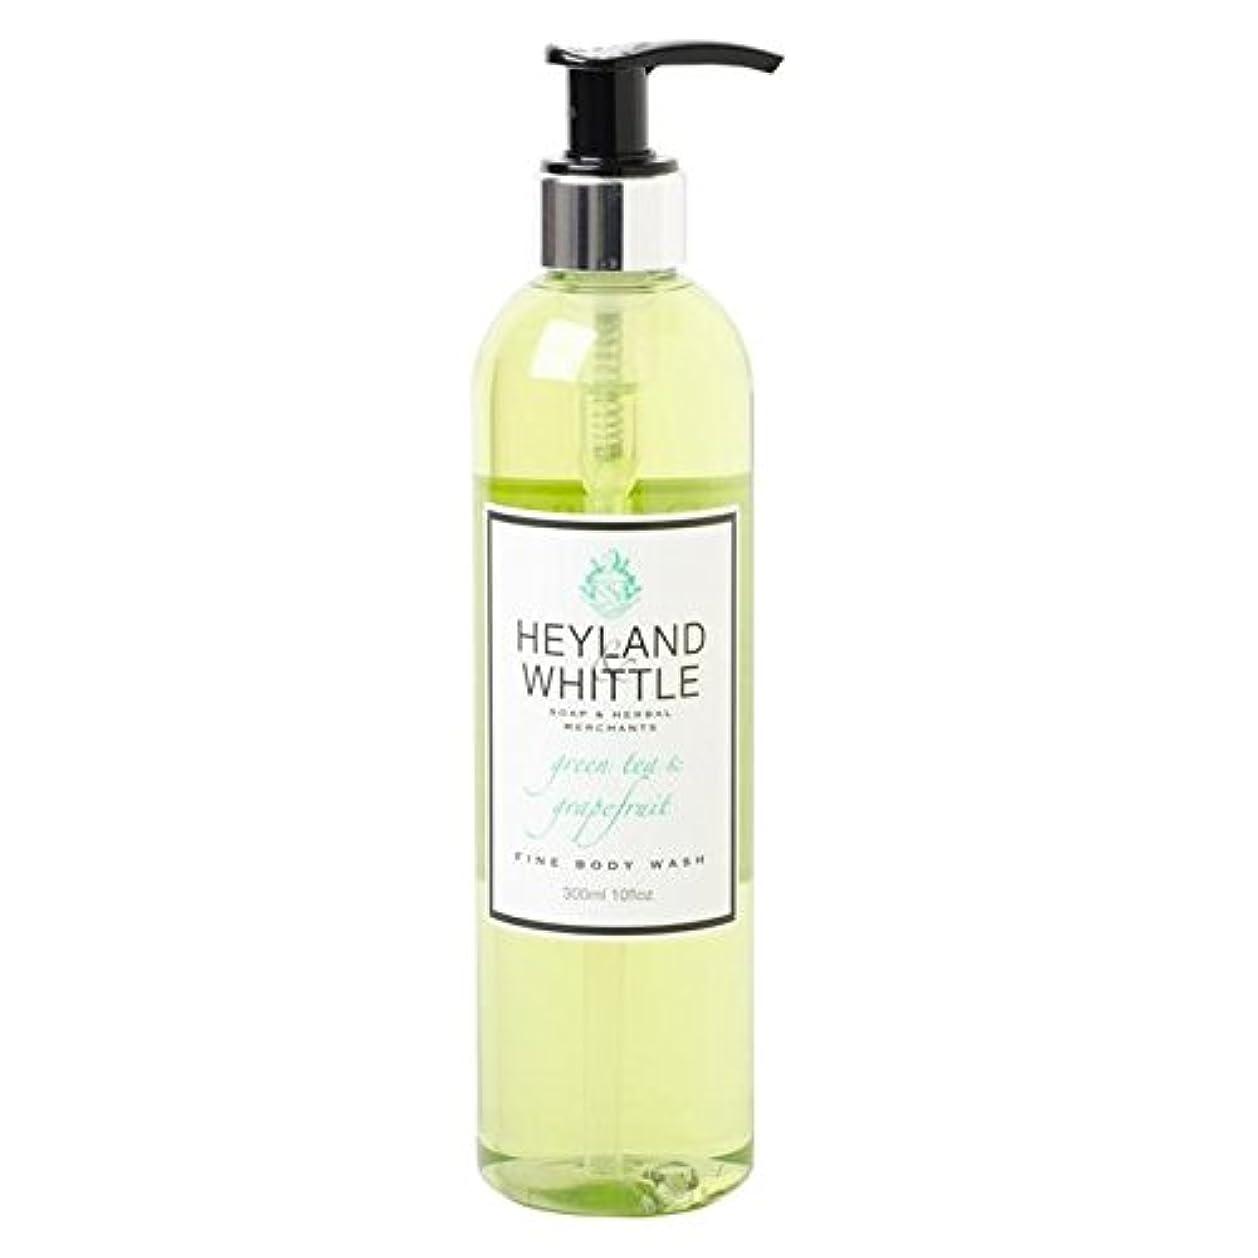 ジョージハンブリージョットディボンドン口実Heyland & Whittle Greentea & Grapefruit Body Wash 300ml (Pack of 6) - &削るグリーンティ&グレープフルーツボディウォッシュ300ミリリットル x6 [...